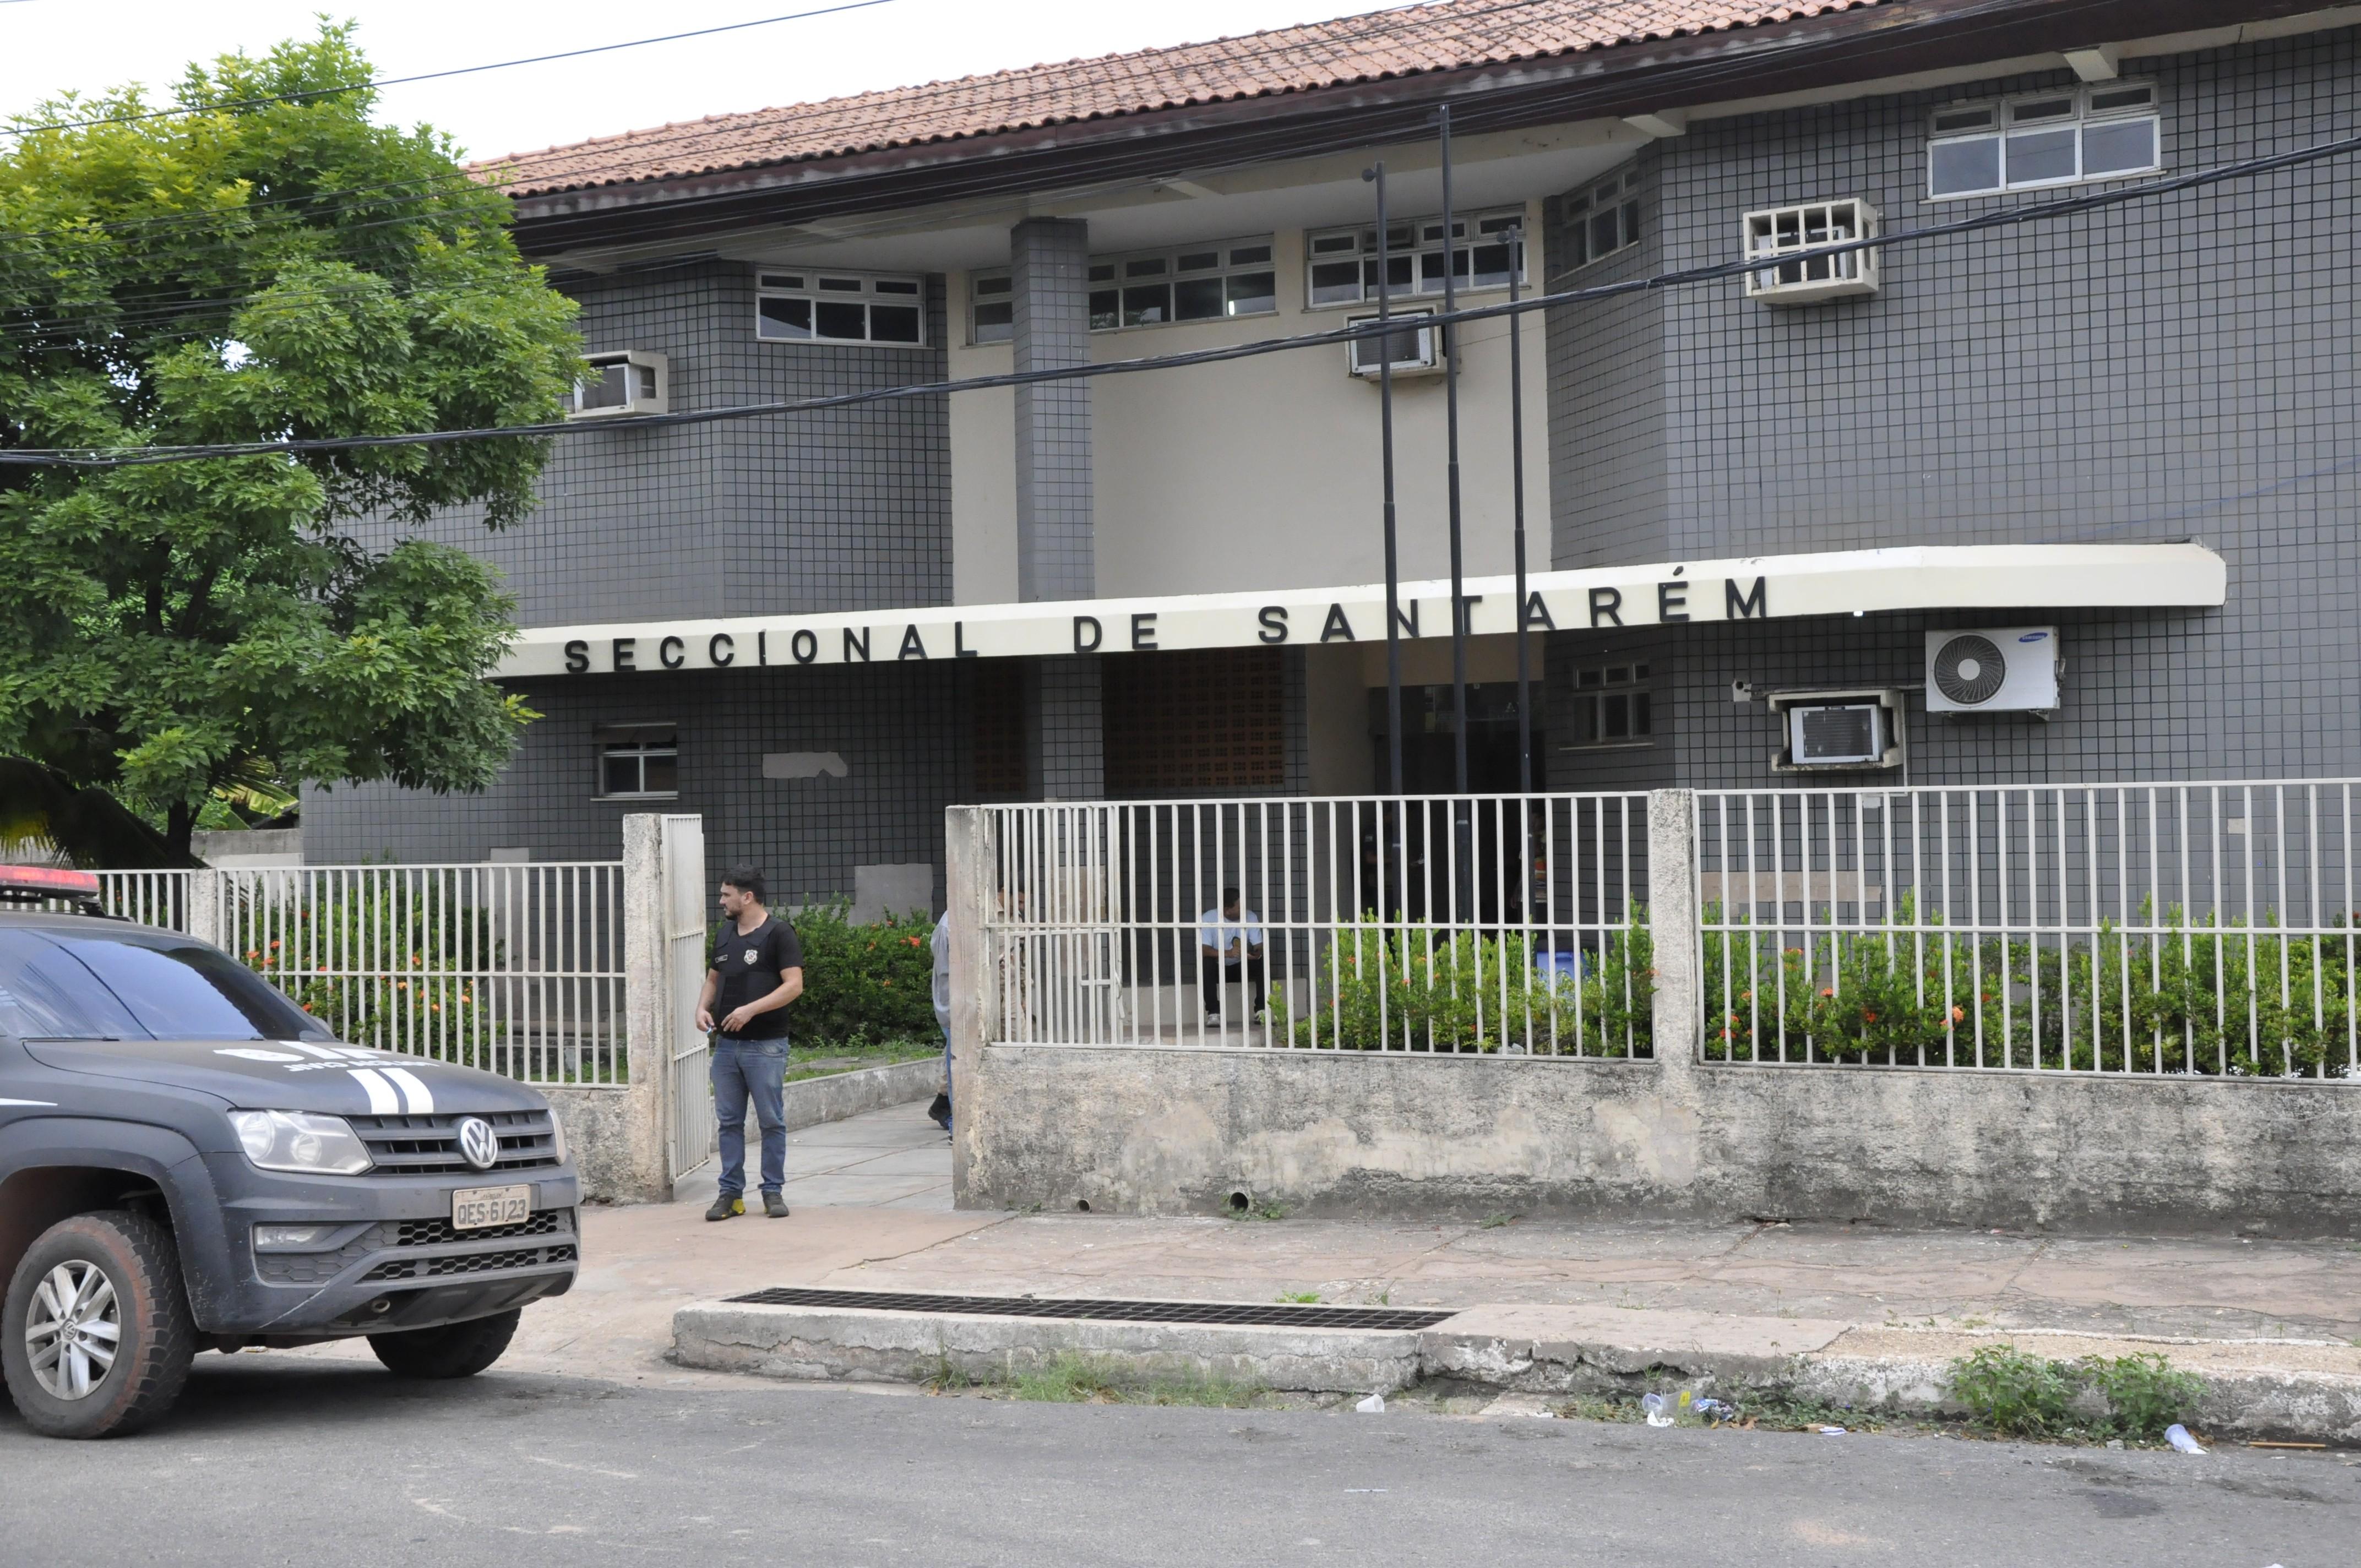 Corpo de jovem é encontrado em via pública no bairro Jaderlândia, em Santarém